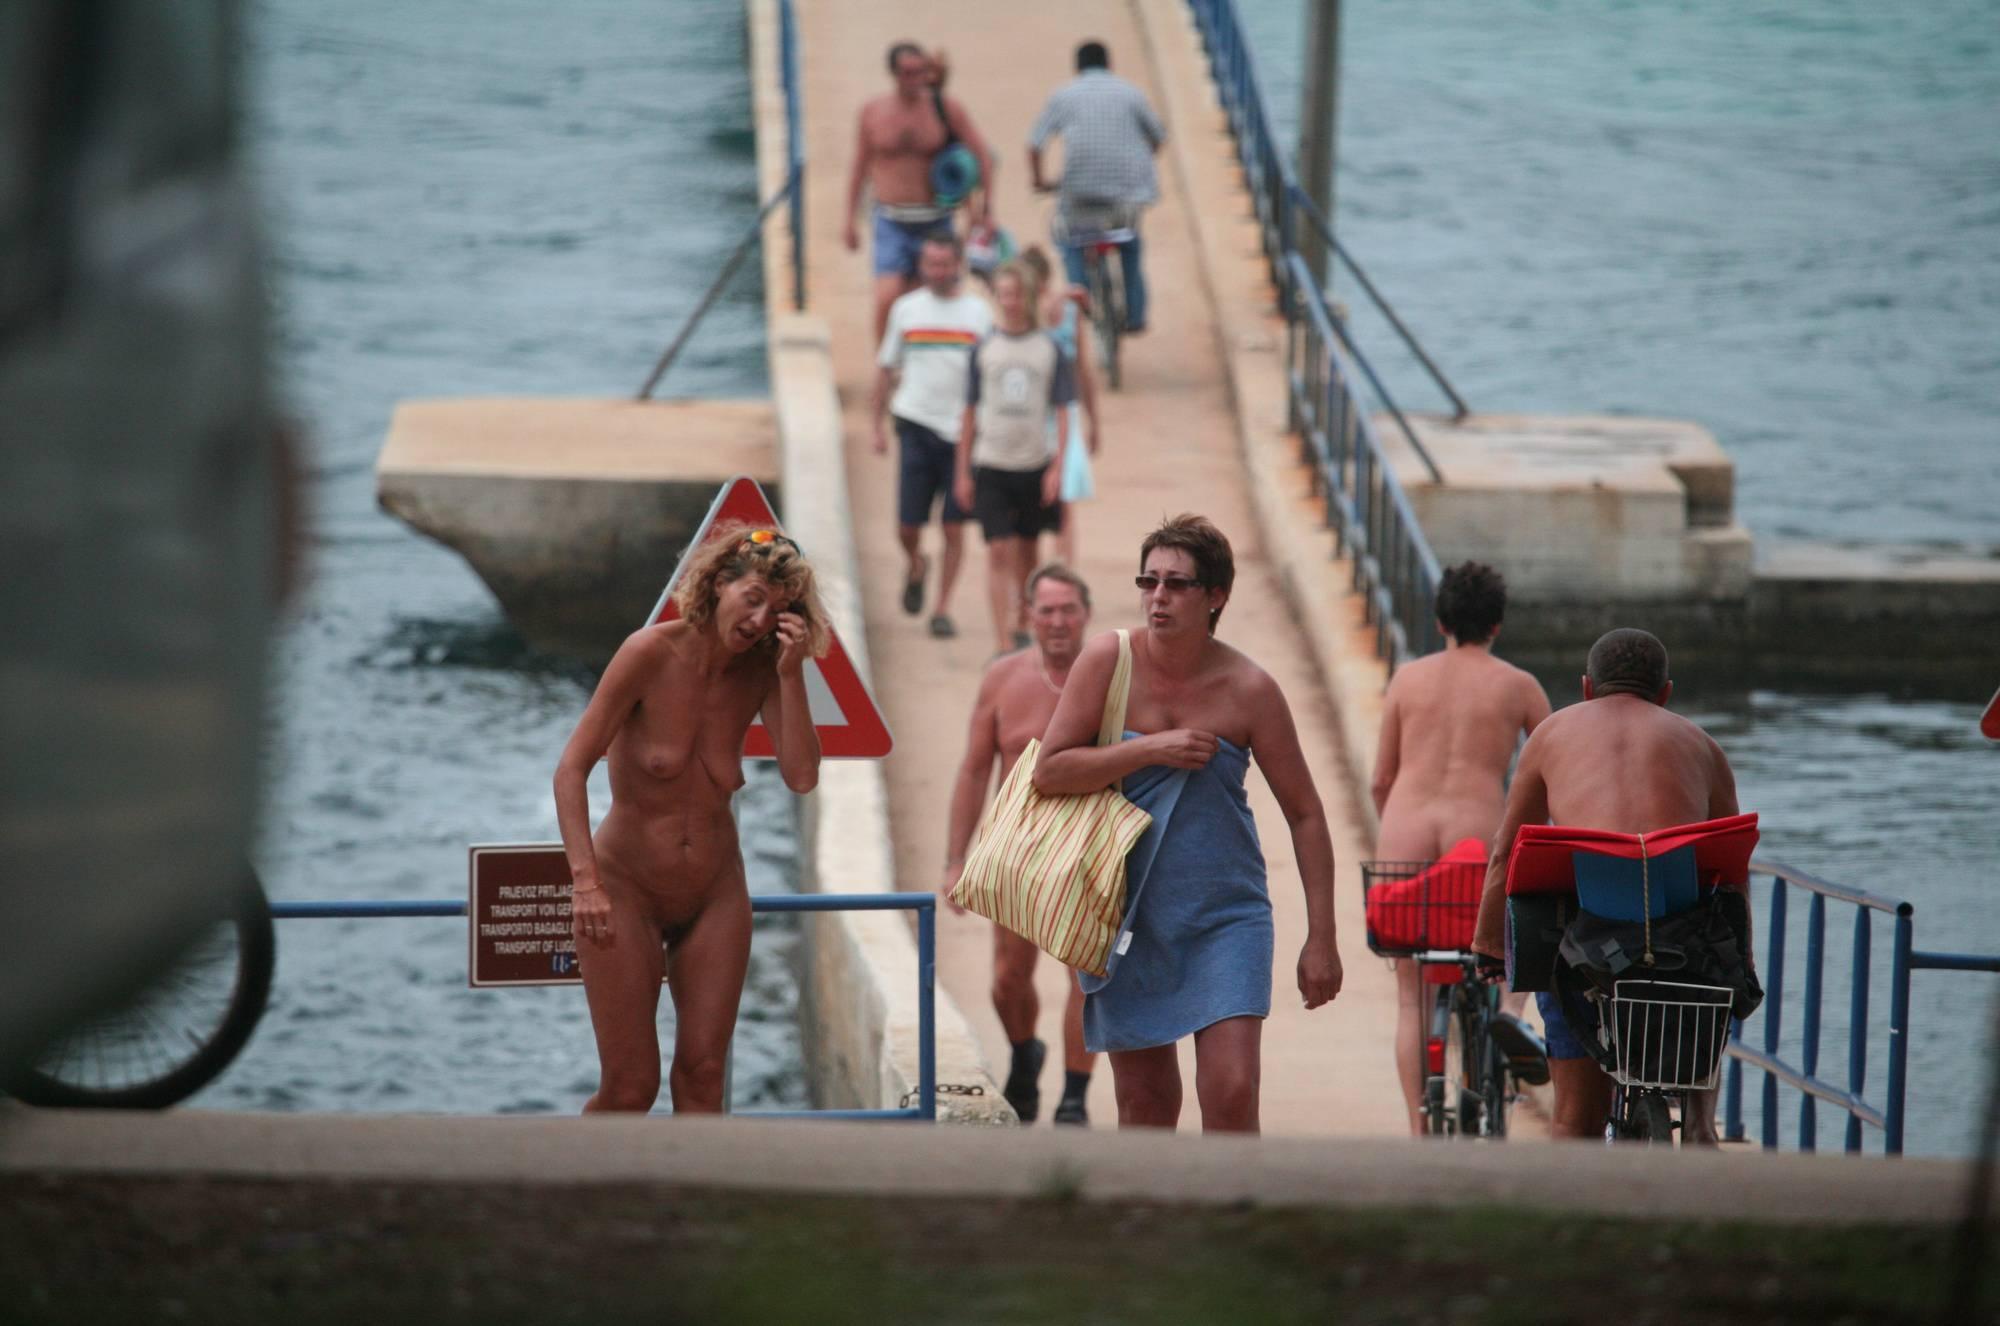 Nudist Photos Crete FKK Bridge Crossing - 2